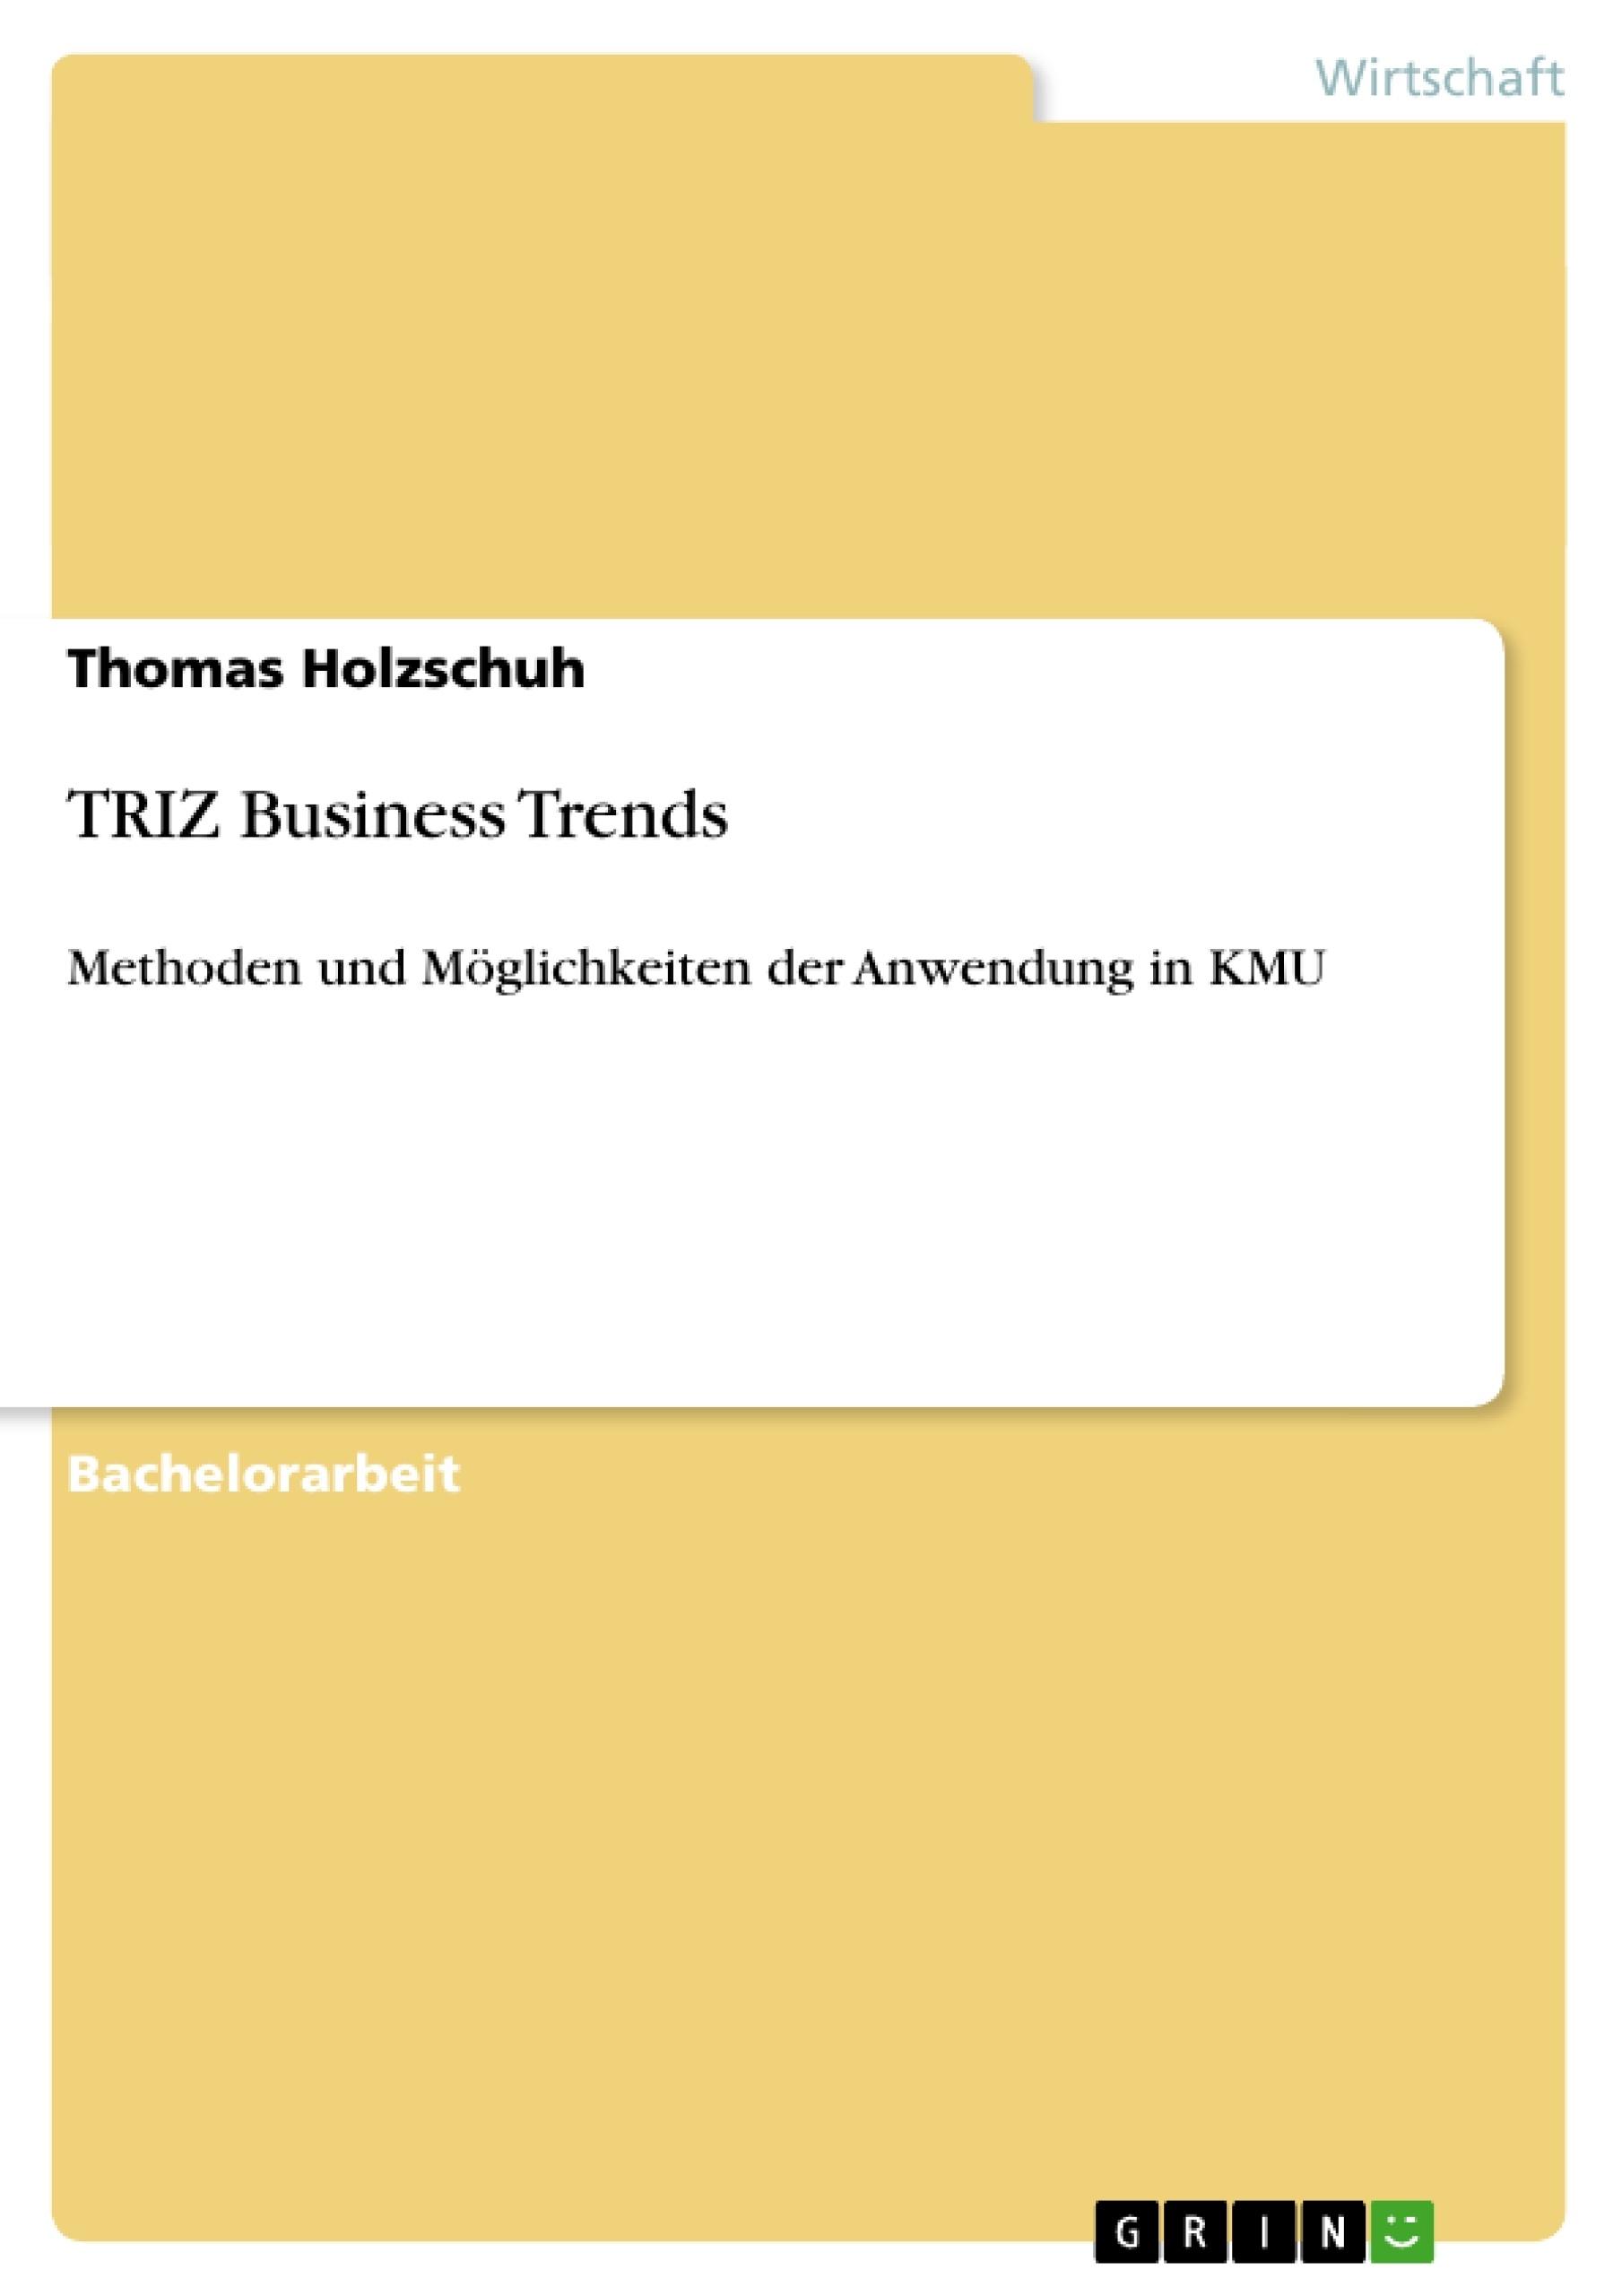 Titel: TRIZ Business Trends